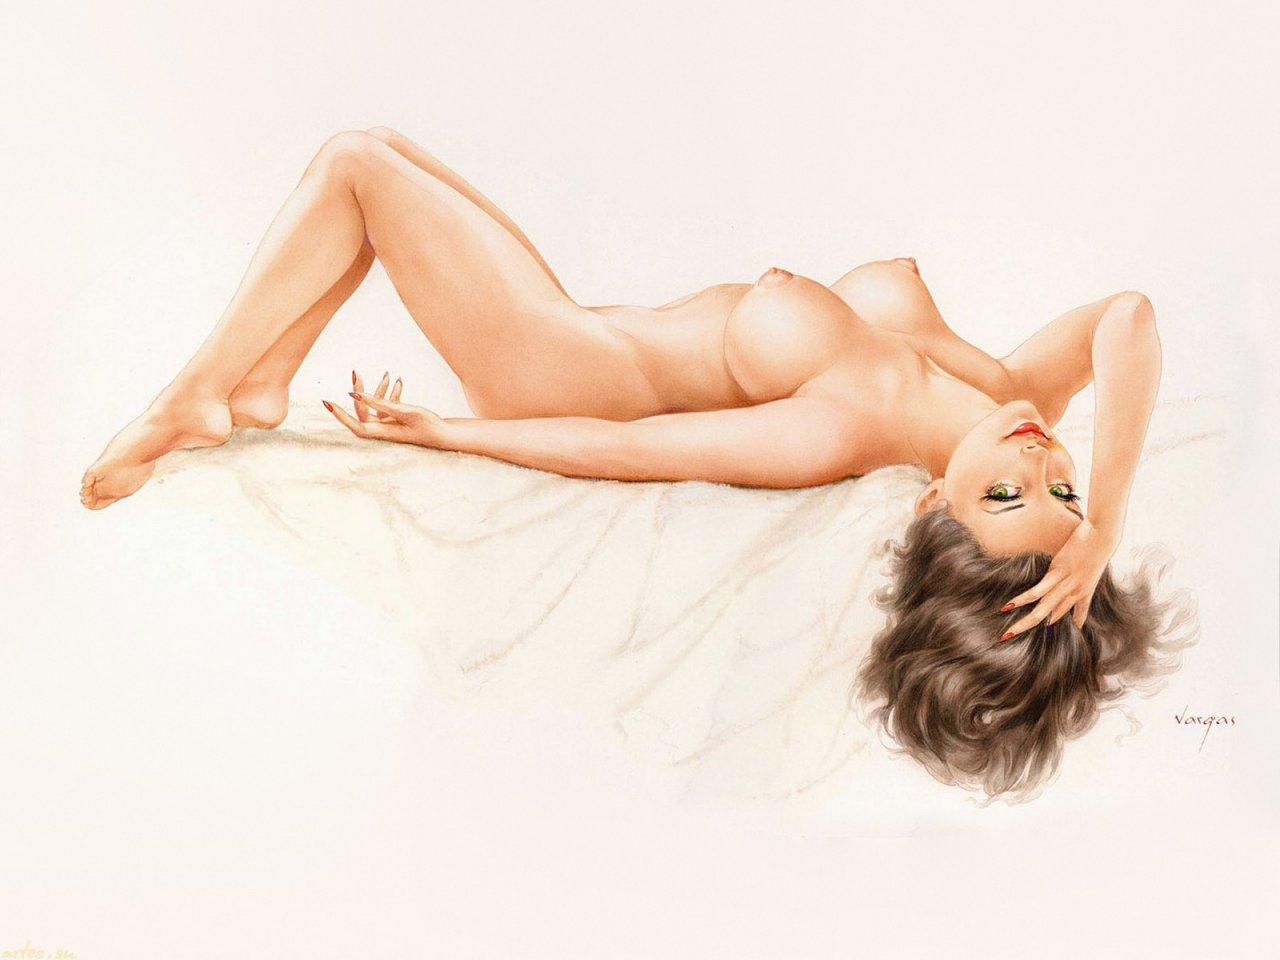 Рисованные голые женщины смотреть бесплатно, Смотреть порно рисованные картинки 12 фотография